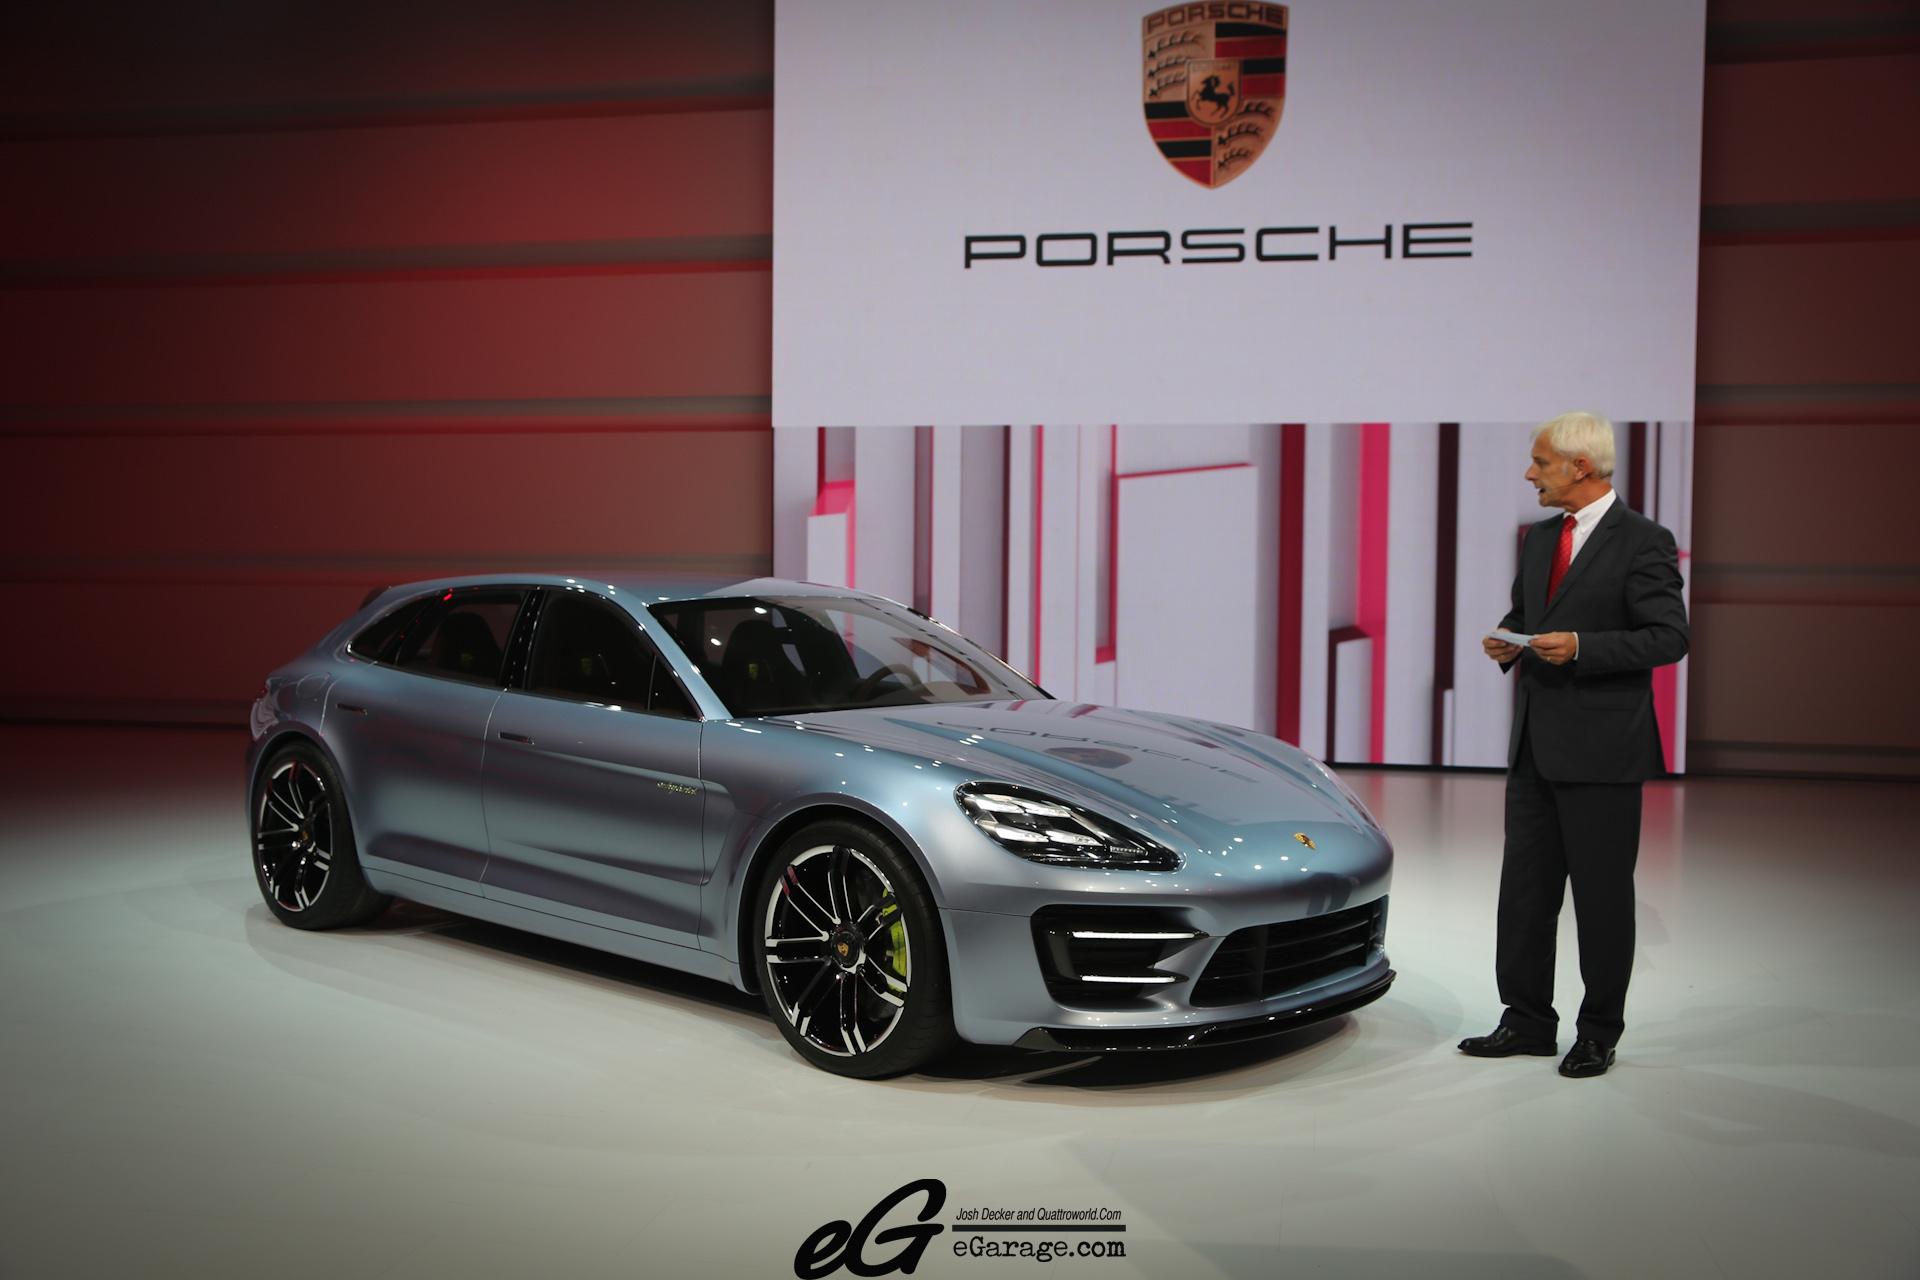 8030390186 48788dc005 o 2012 Paris Motor Show